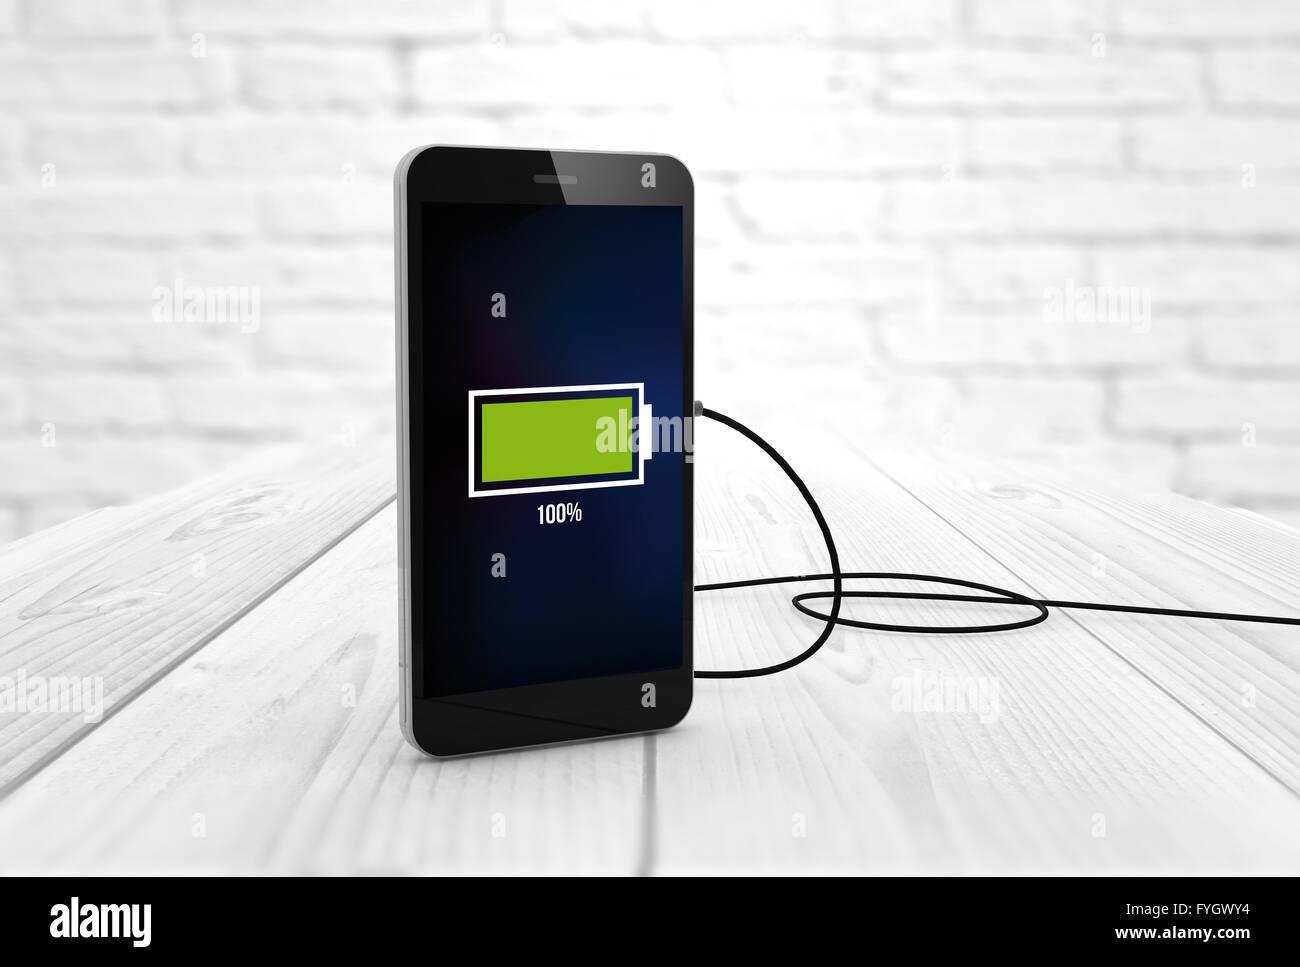 Telefon aufladen, Digital generiert. Alle Bildschirm-Grafiken bestehen. Stockbild